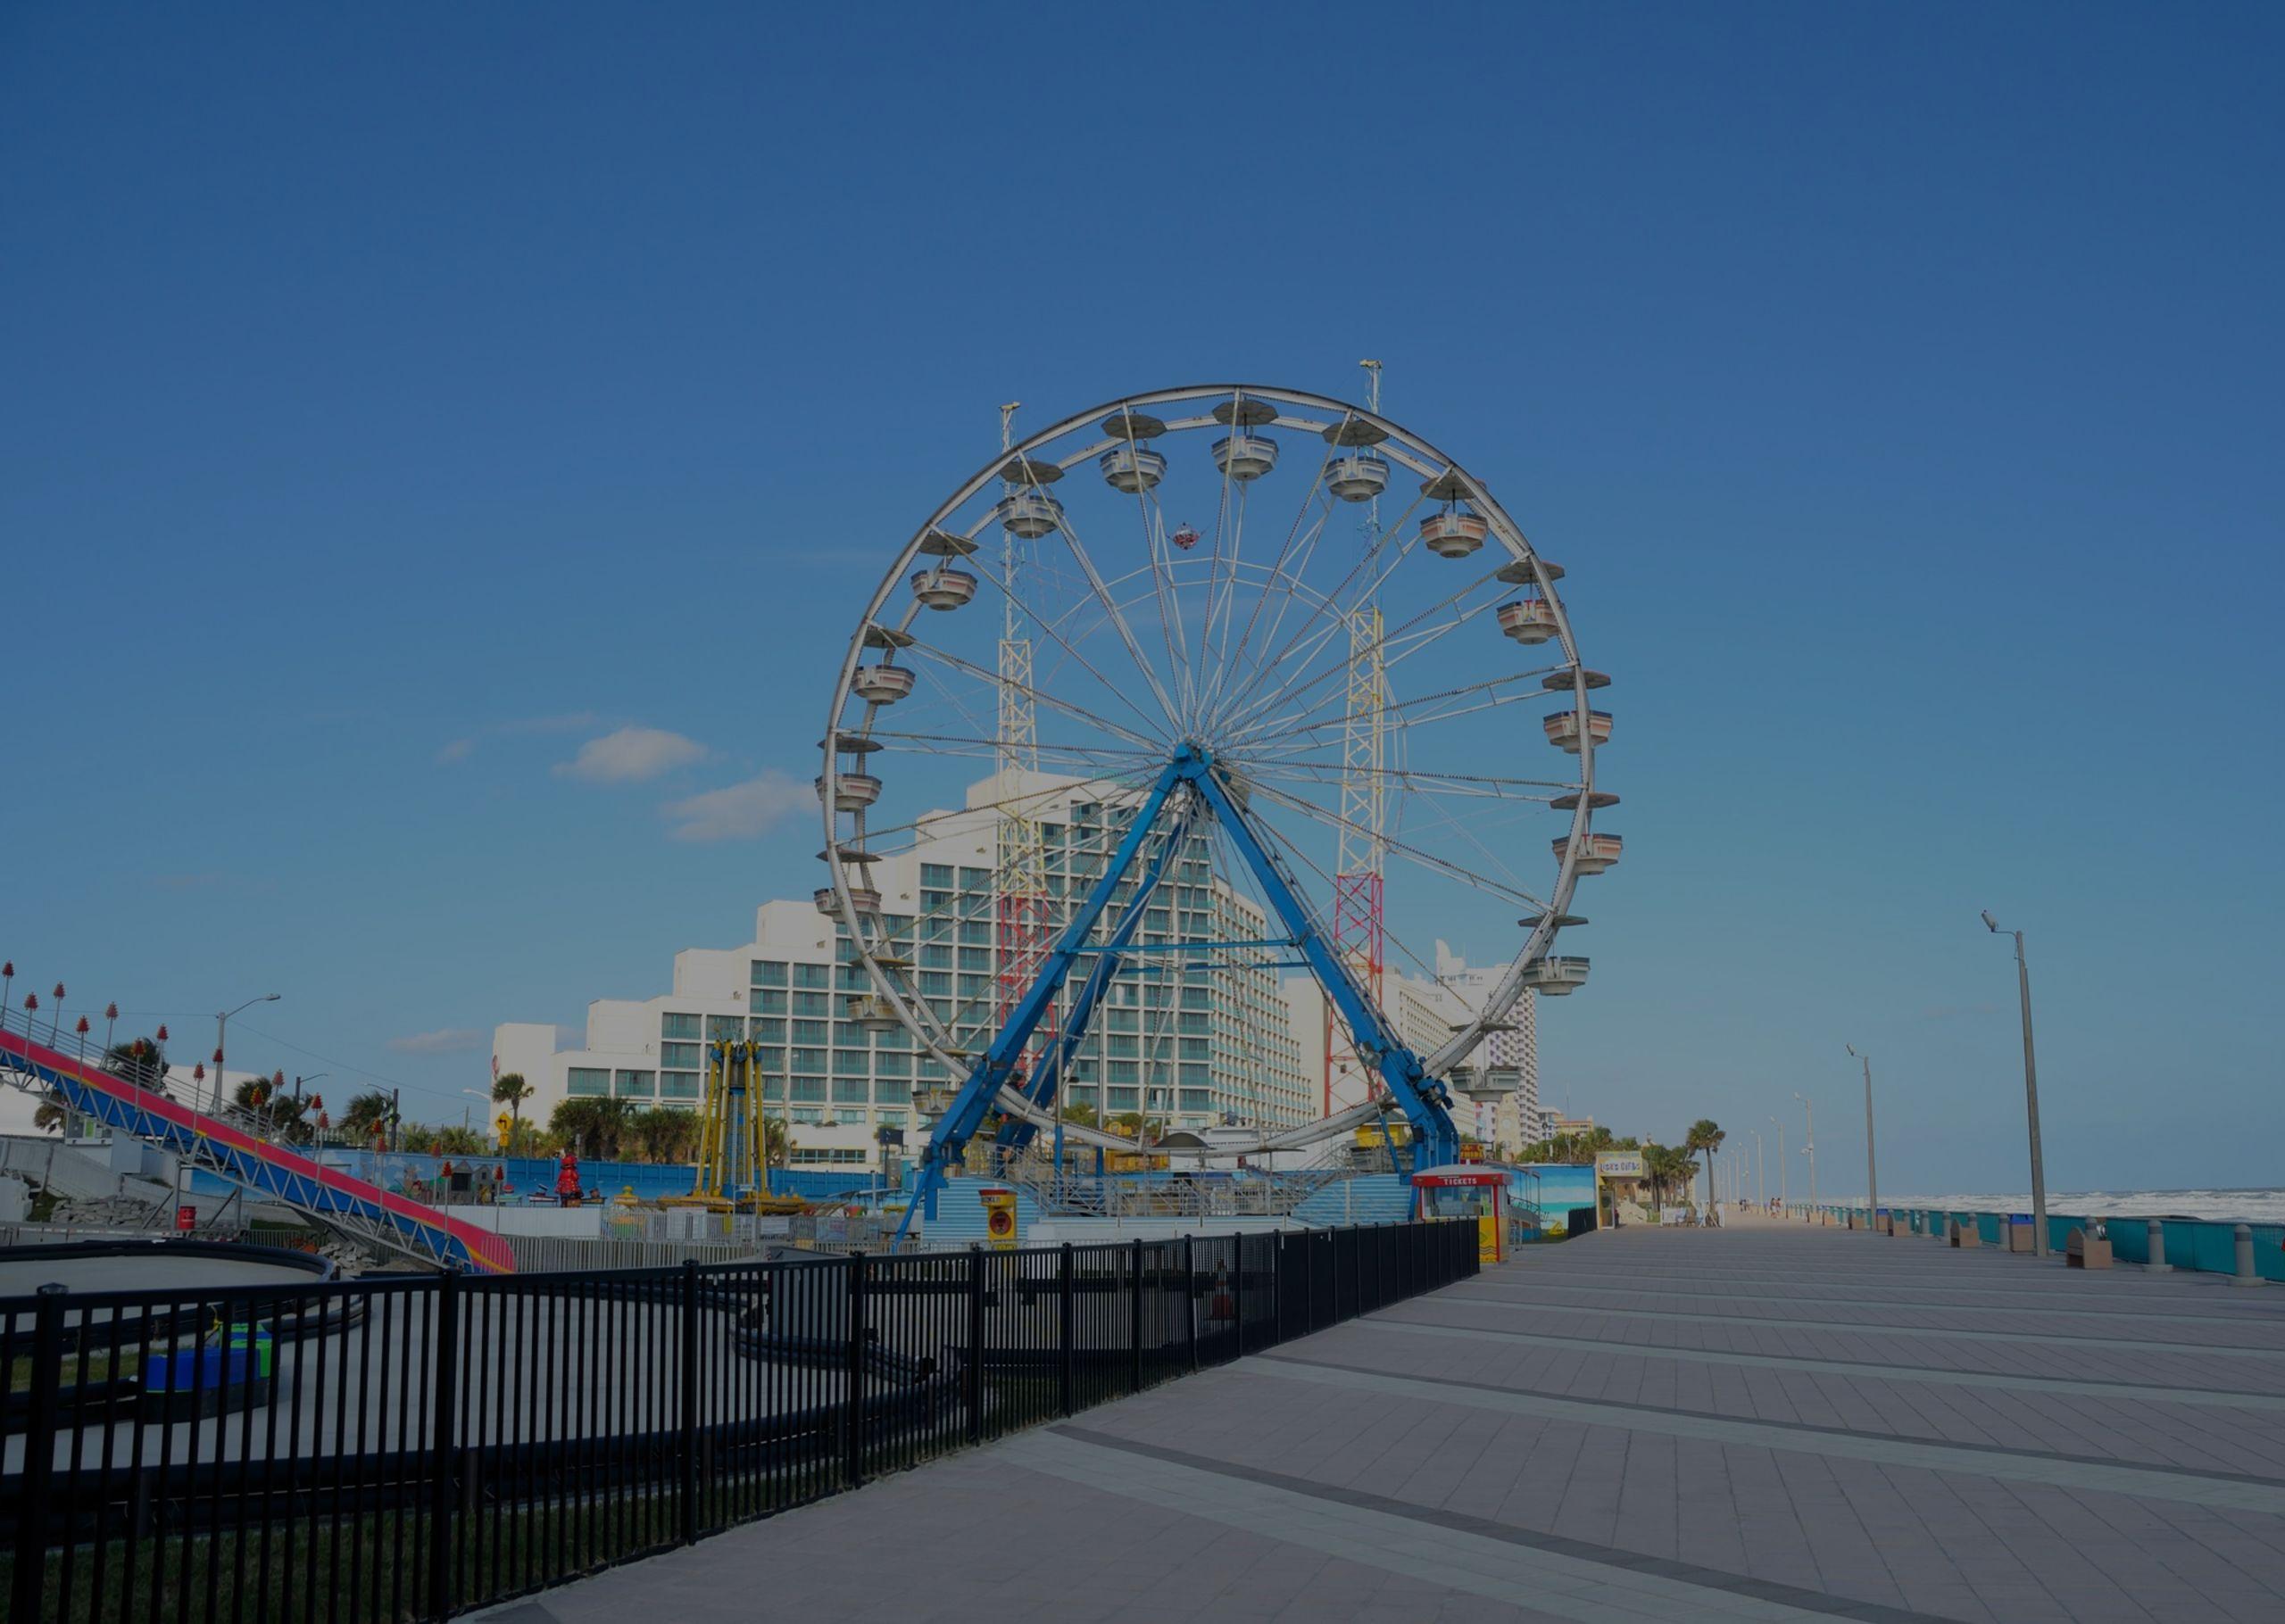 10 Things To Do In Daytona Beach